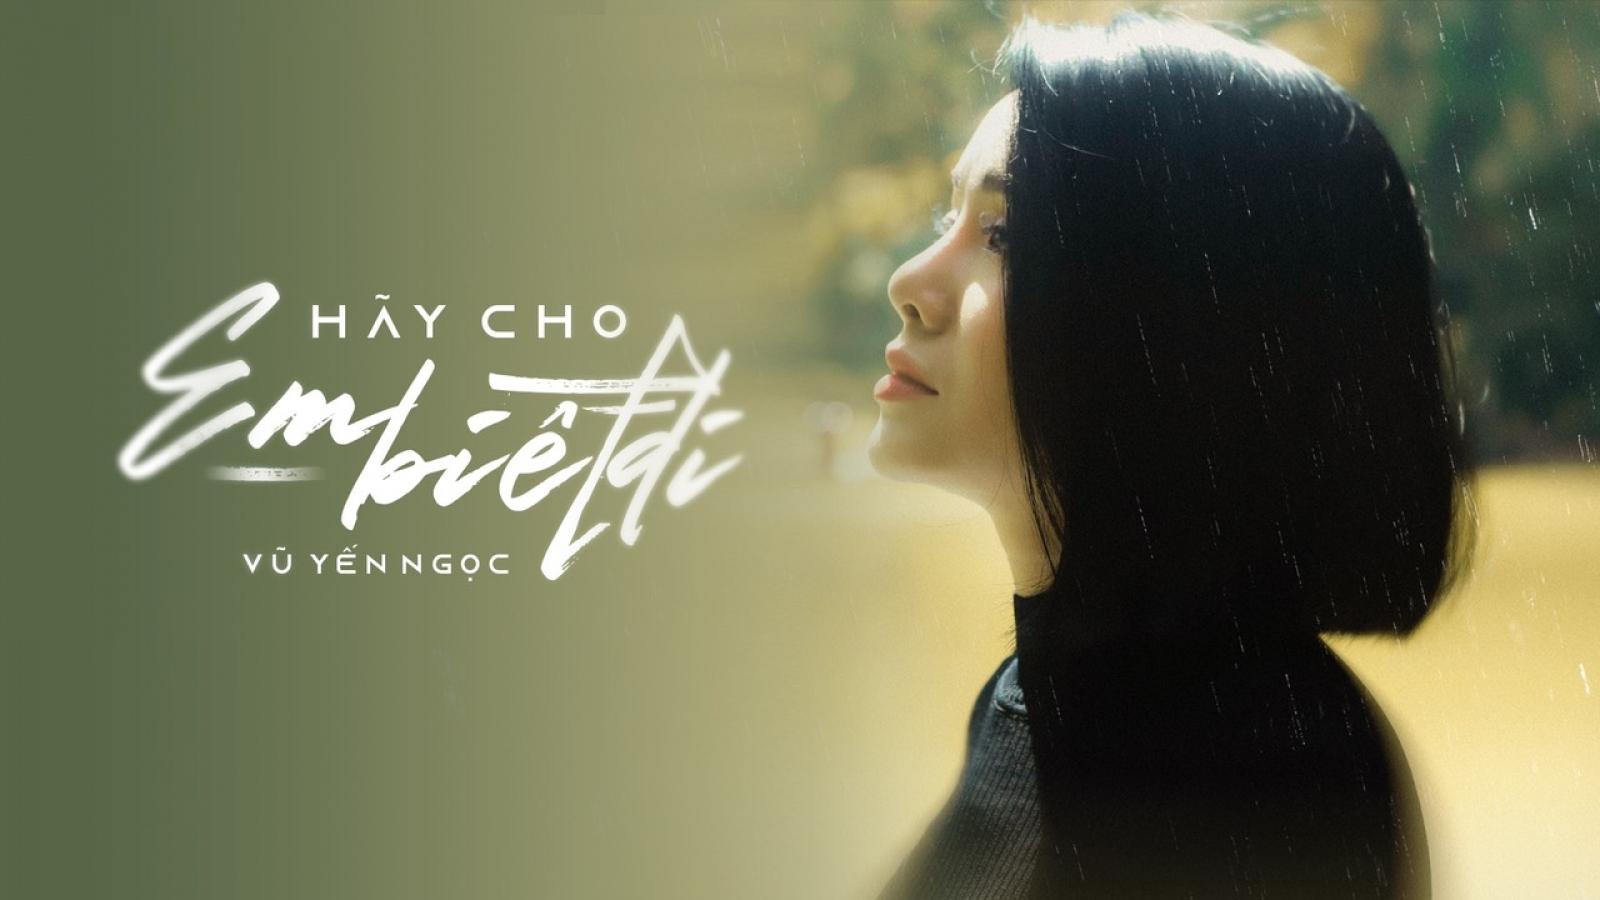 """""""Hoa khôi Sao Mai điểm hẹn"""" Yến Ngọc bất ngờ ra mắt MV sau 10 năm rời xa nghệ thuật"""